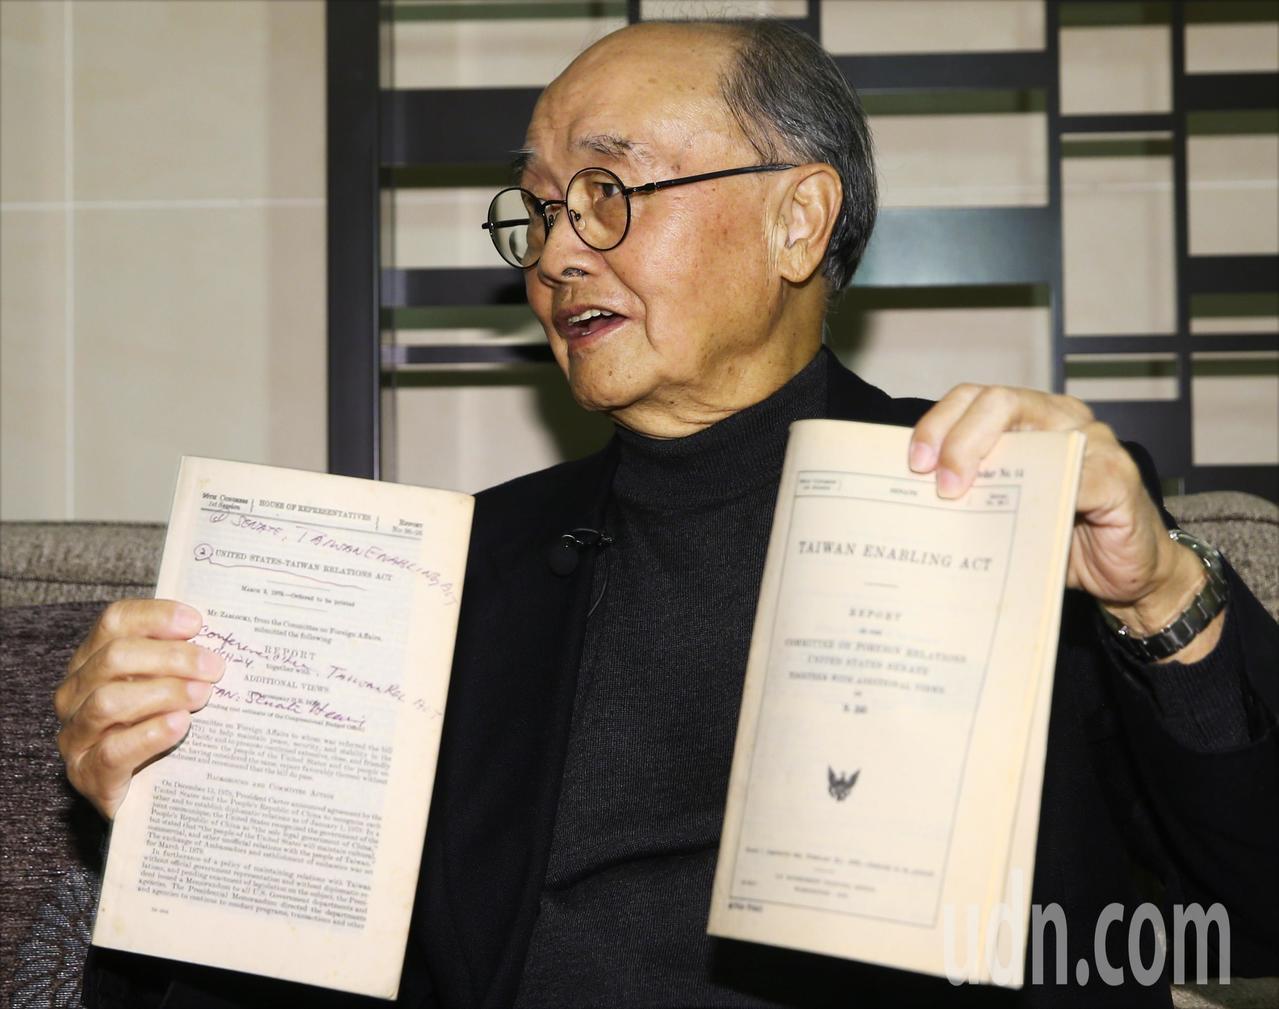 今年是台灣關係法簽署40周年,當時擔任駐美大使館政治組一等秘書的程建人回憶點點滴...